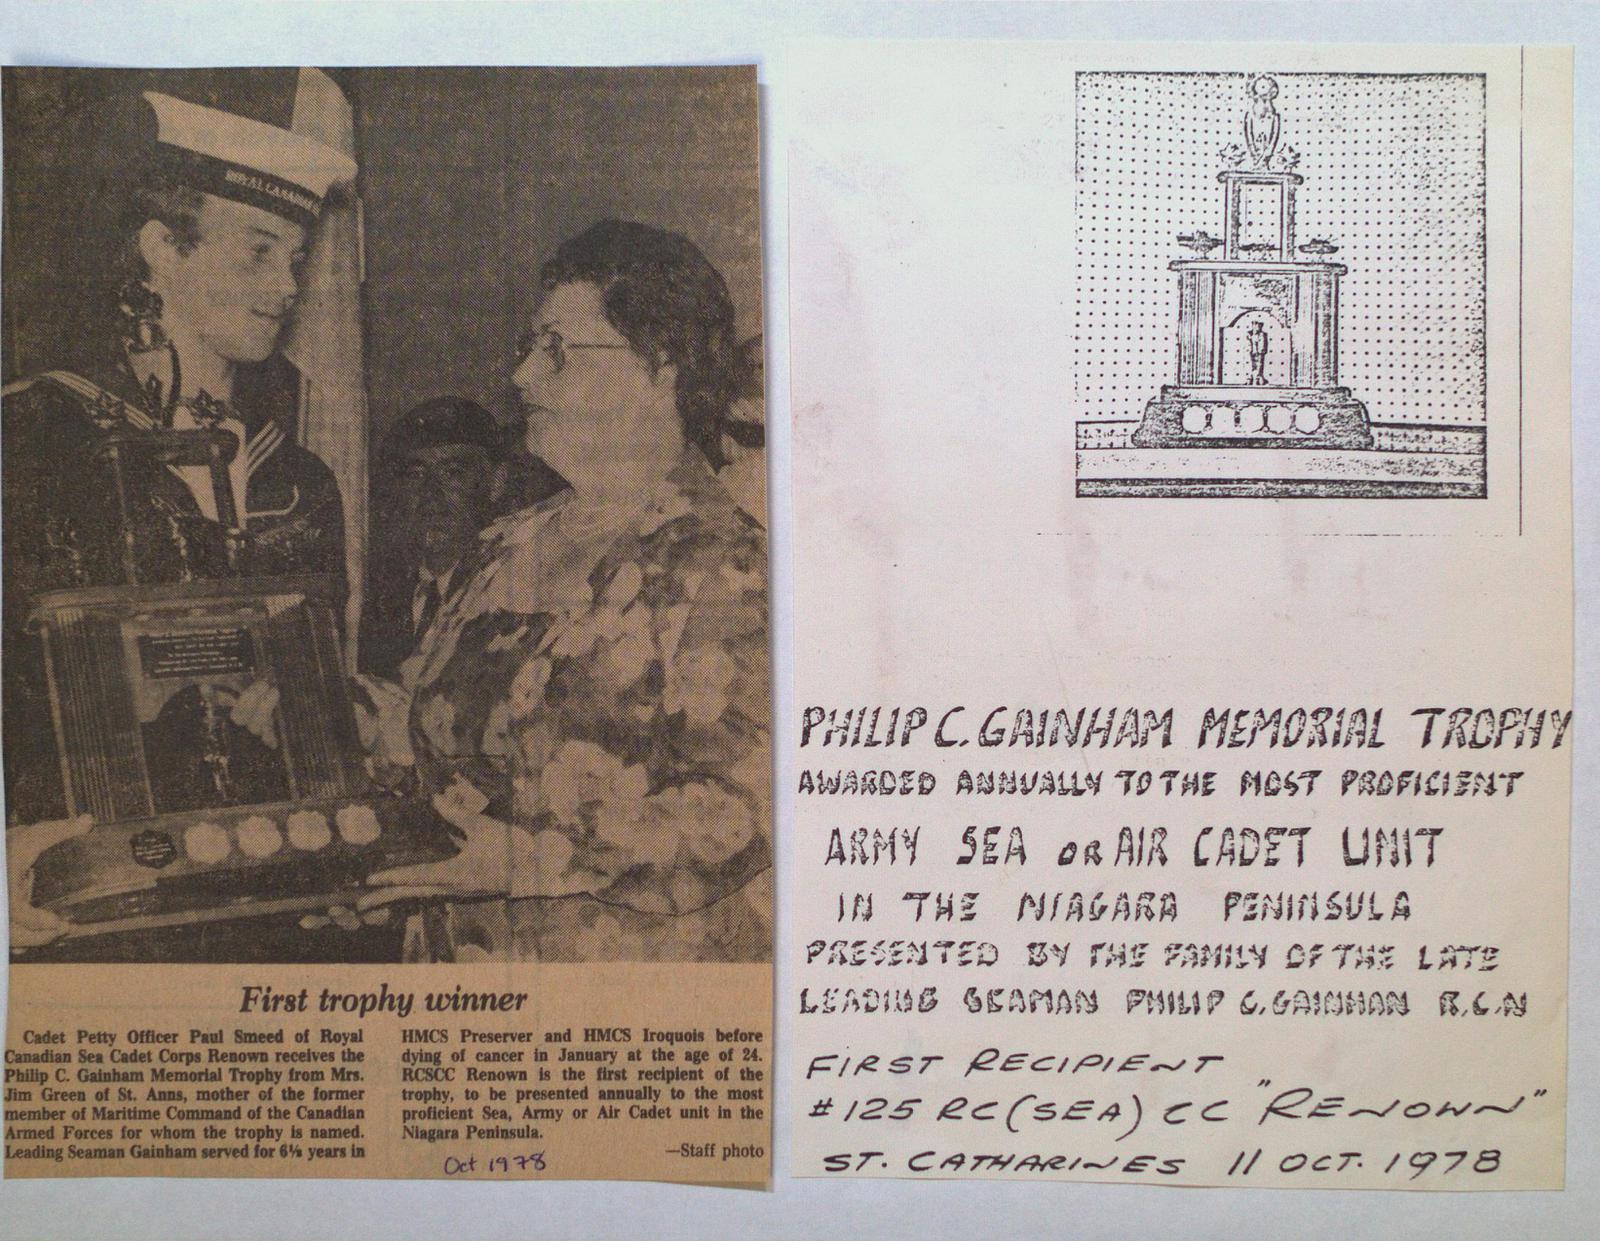 Philip C. Gainham Memorial Trophy